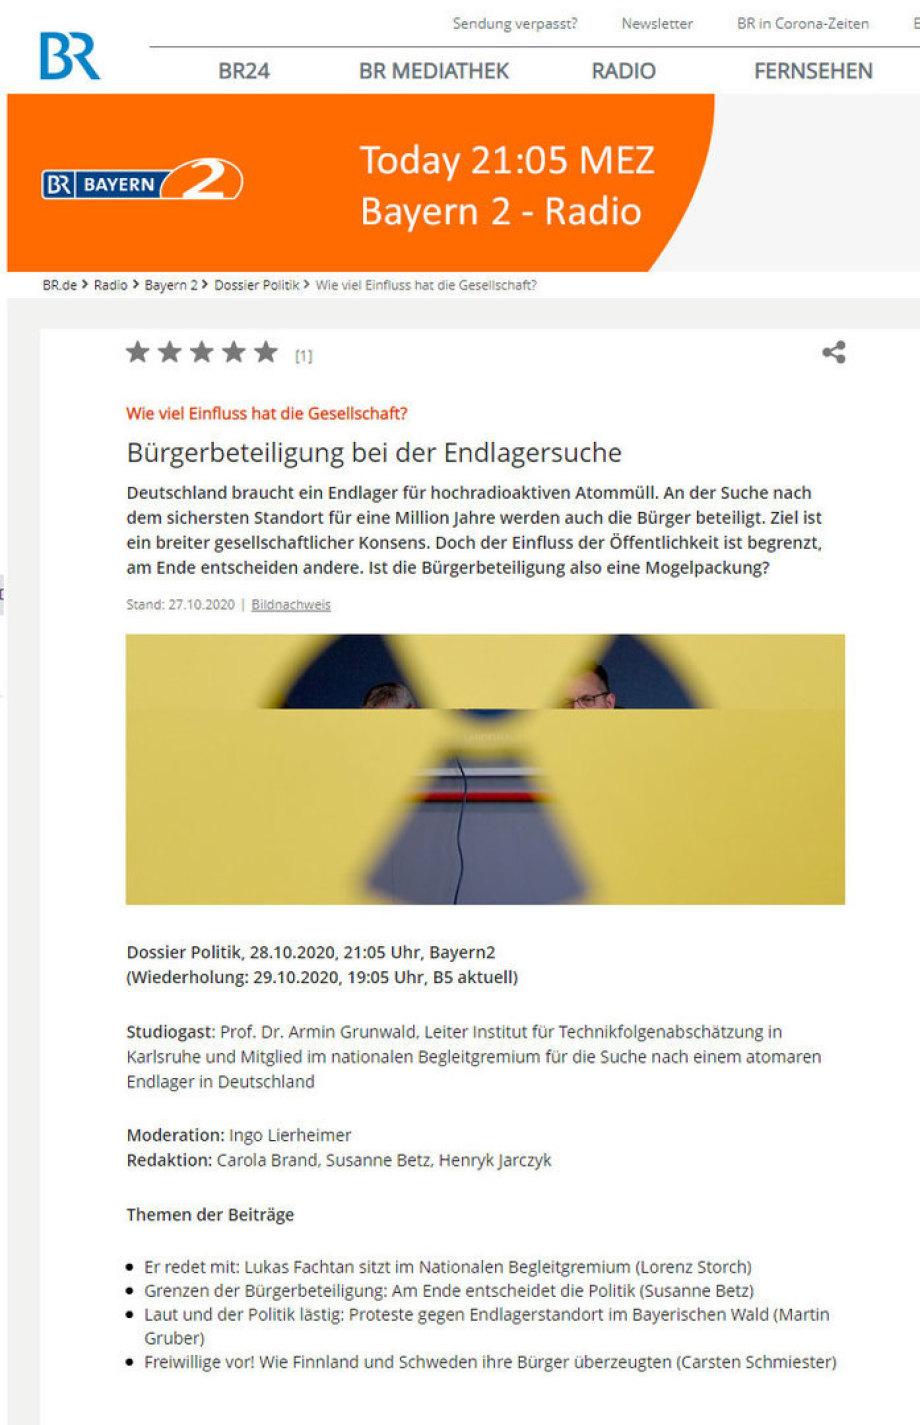 https://www.br.de/radio/bayern2/sendungen/dossier-politik/buergerbeteiligung-endlagersuche-100.html